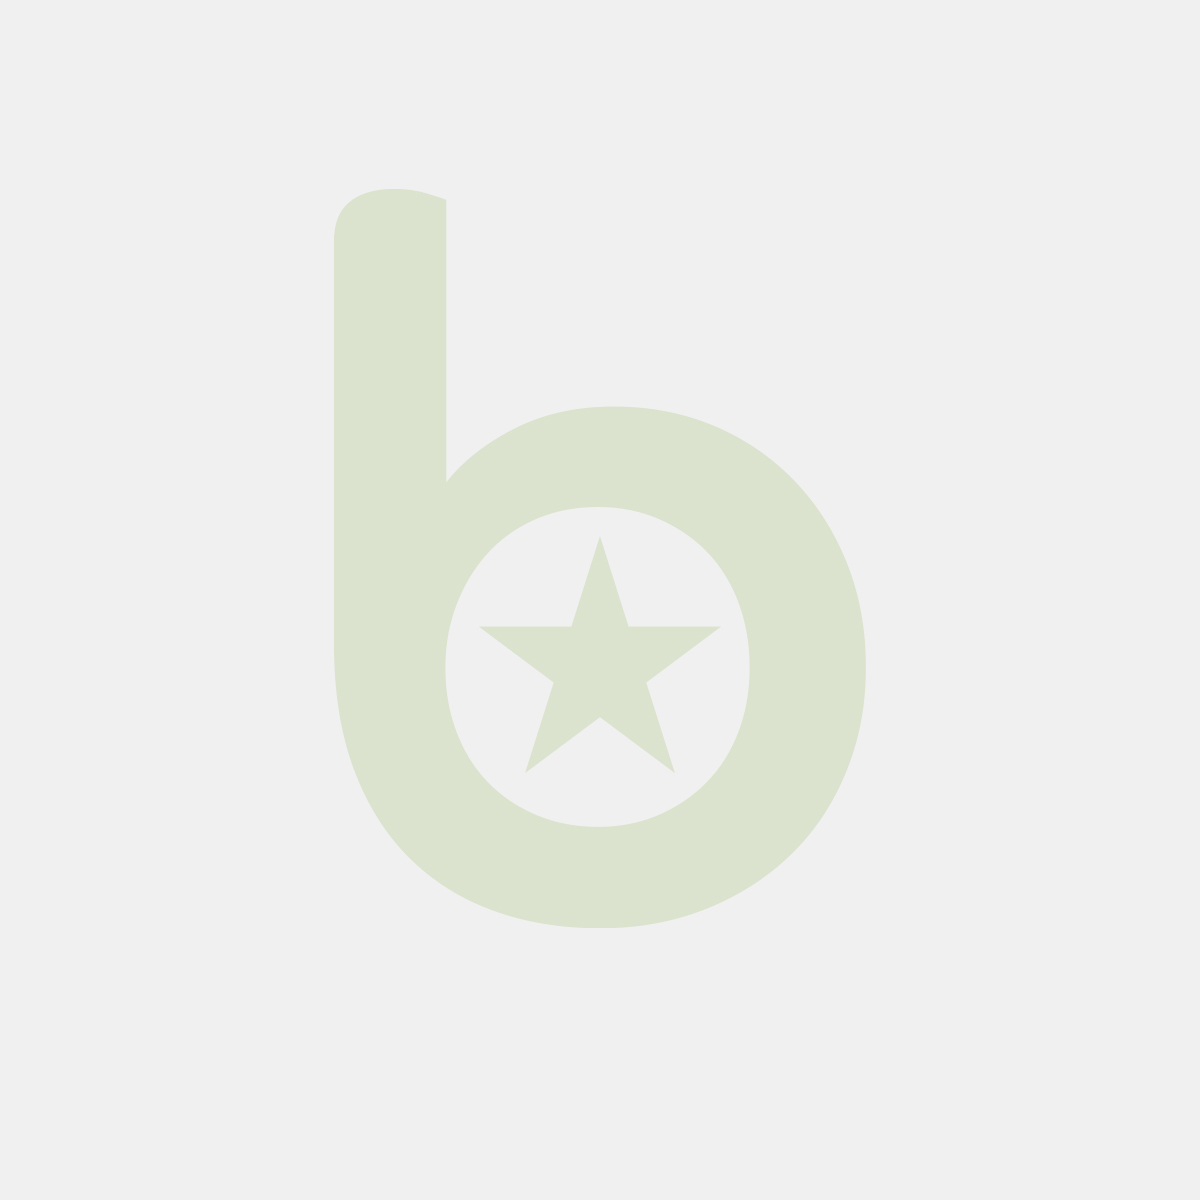 Otwieracz barmański 18cm stal nierdzewna i PVC